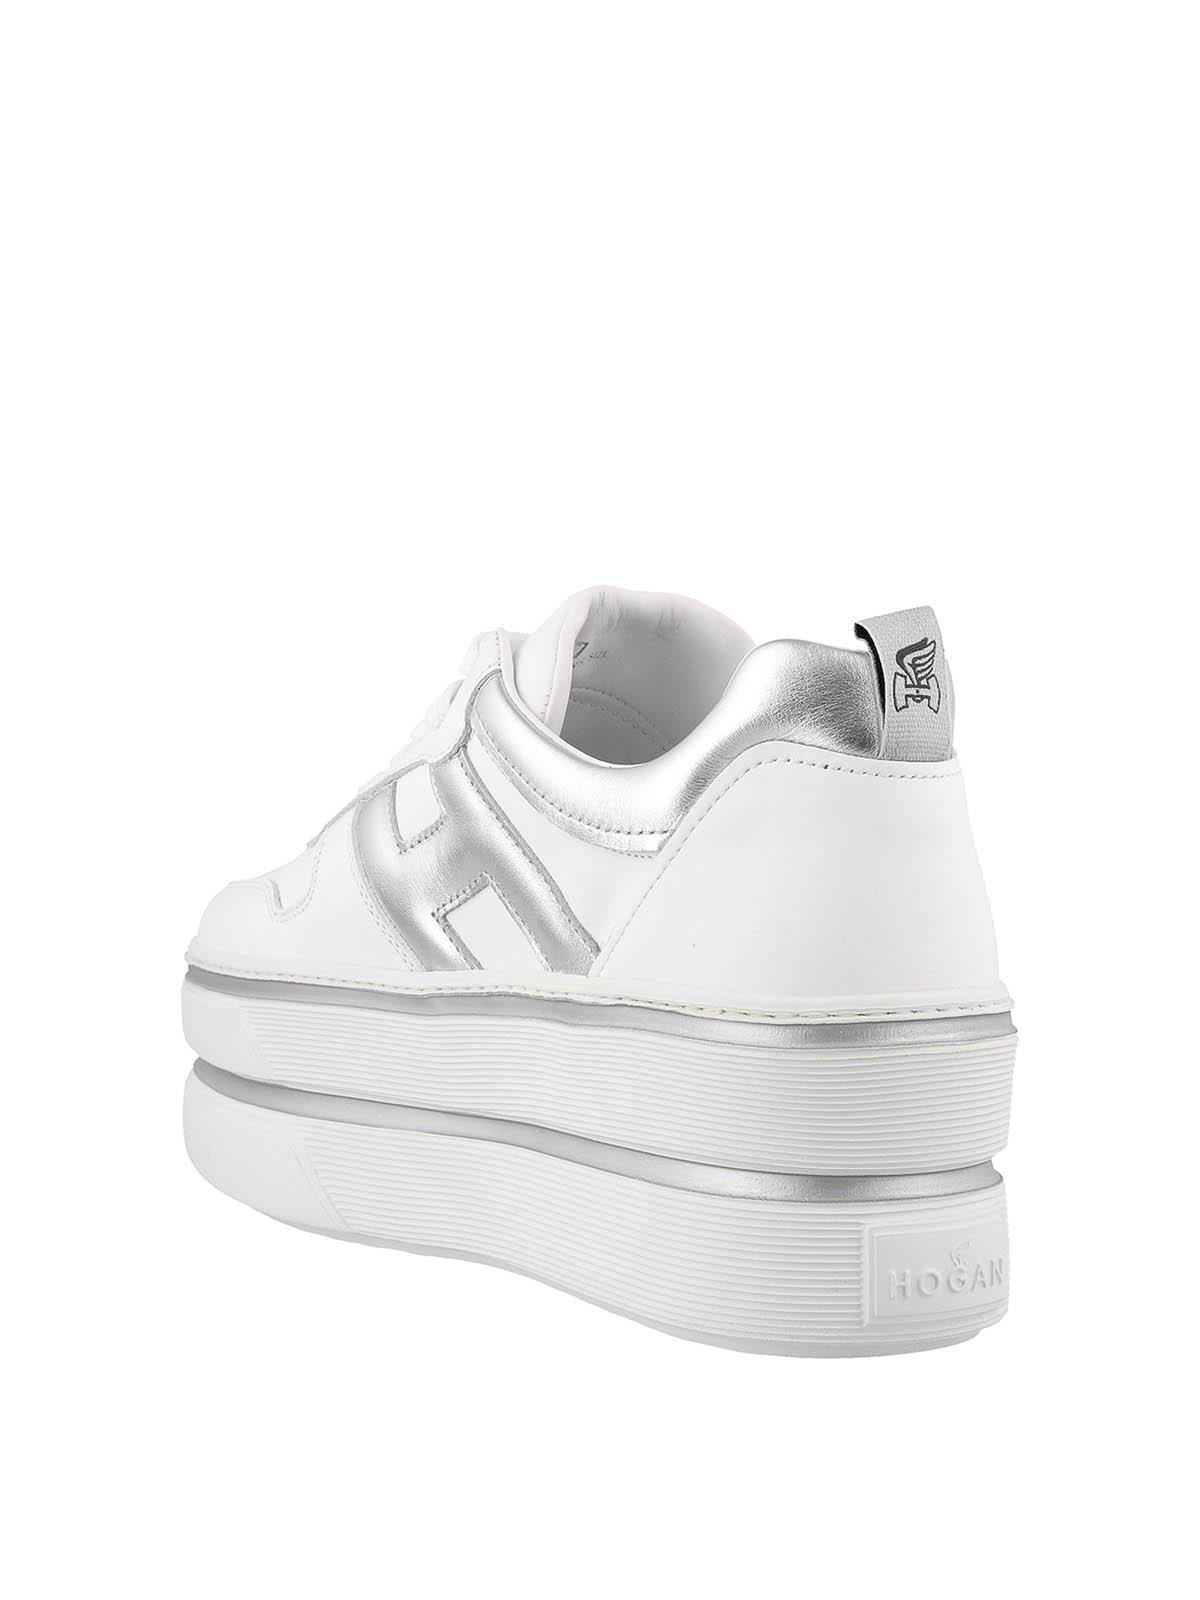 Sneakers Hogan - Sneaker H449 in pelle bianca e argento ...